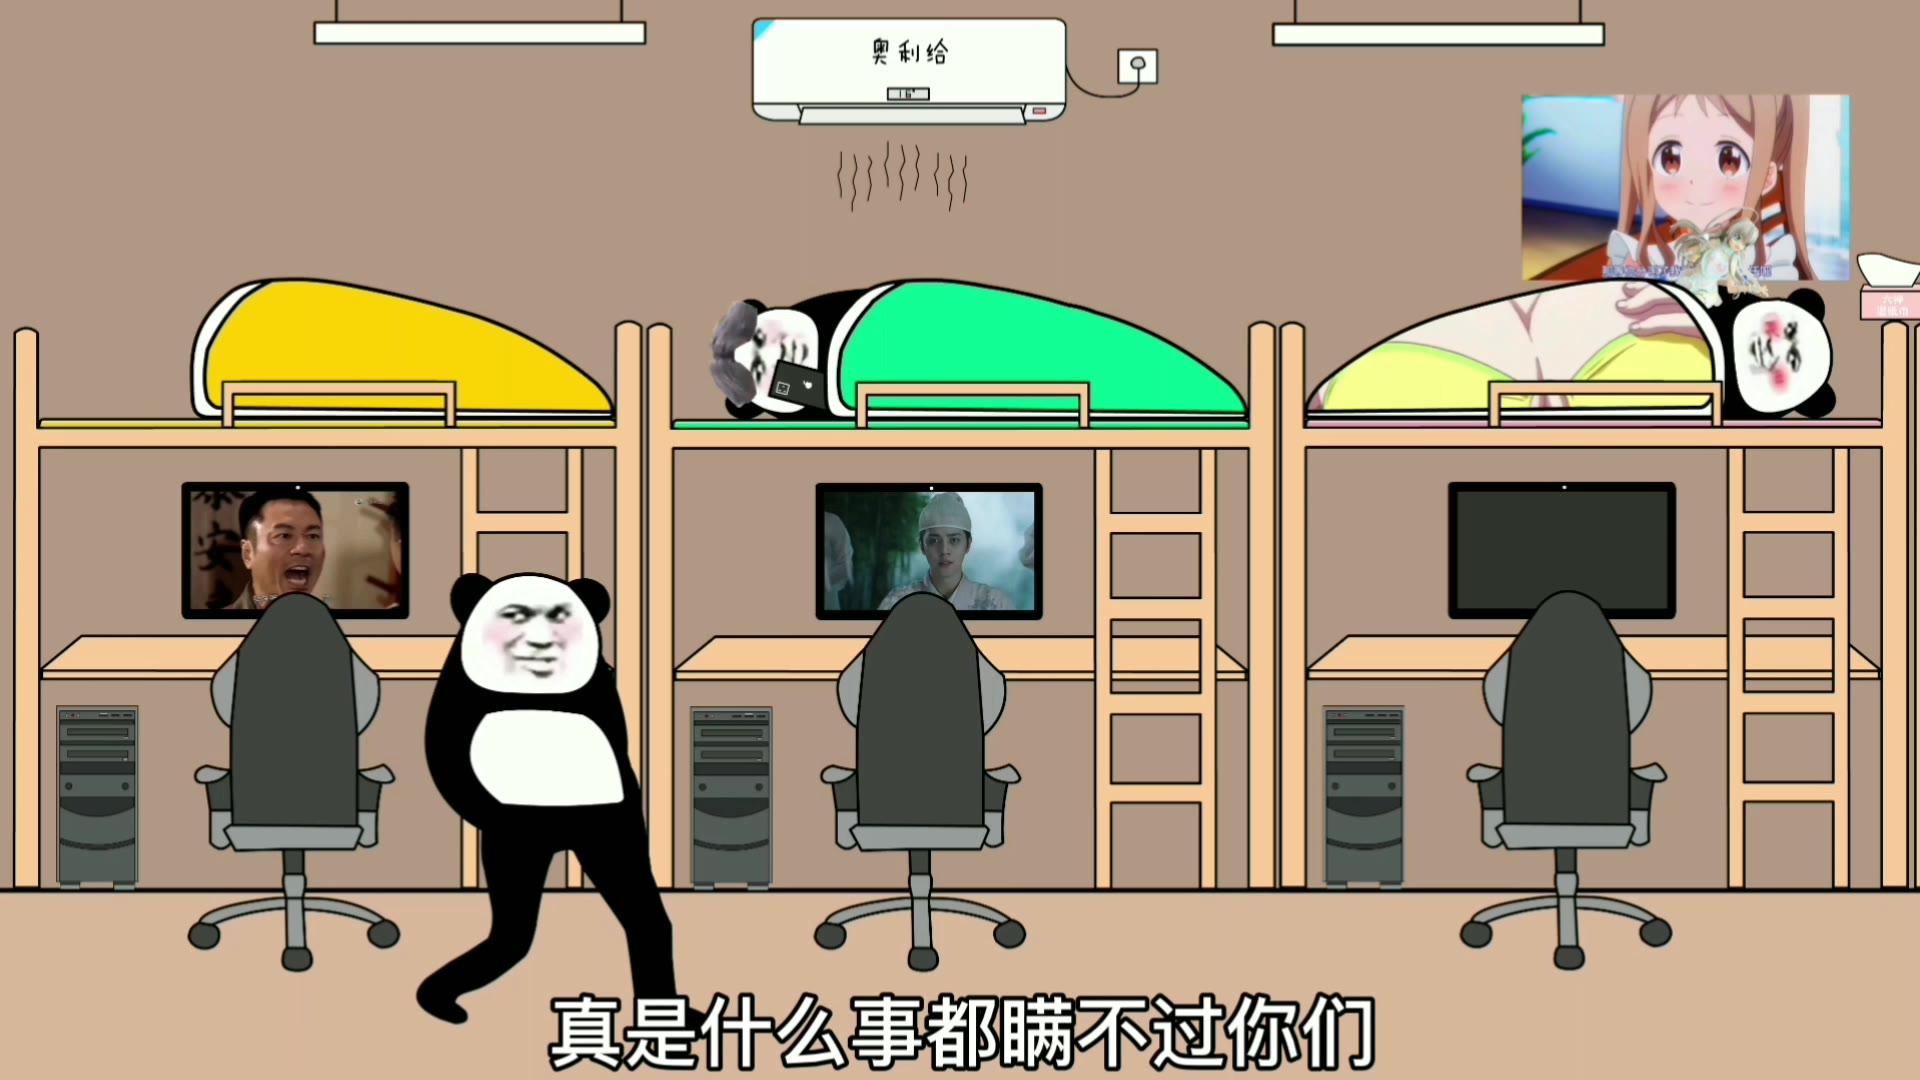 【沙雕动画】直男晚期